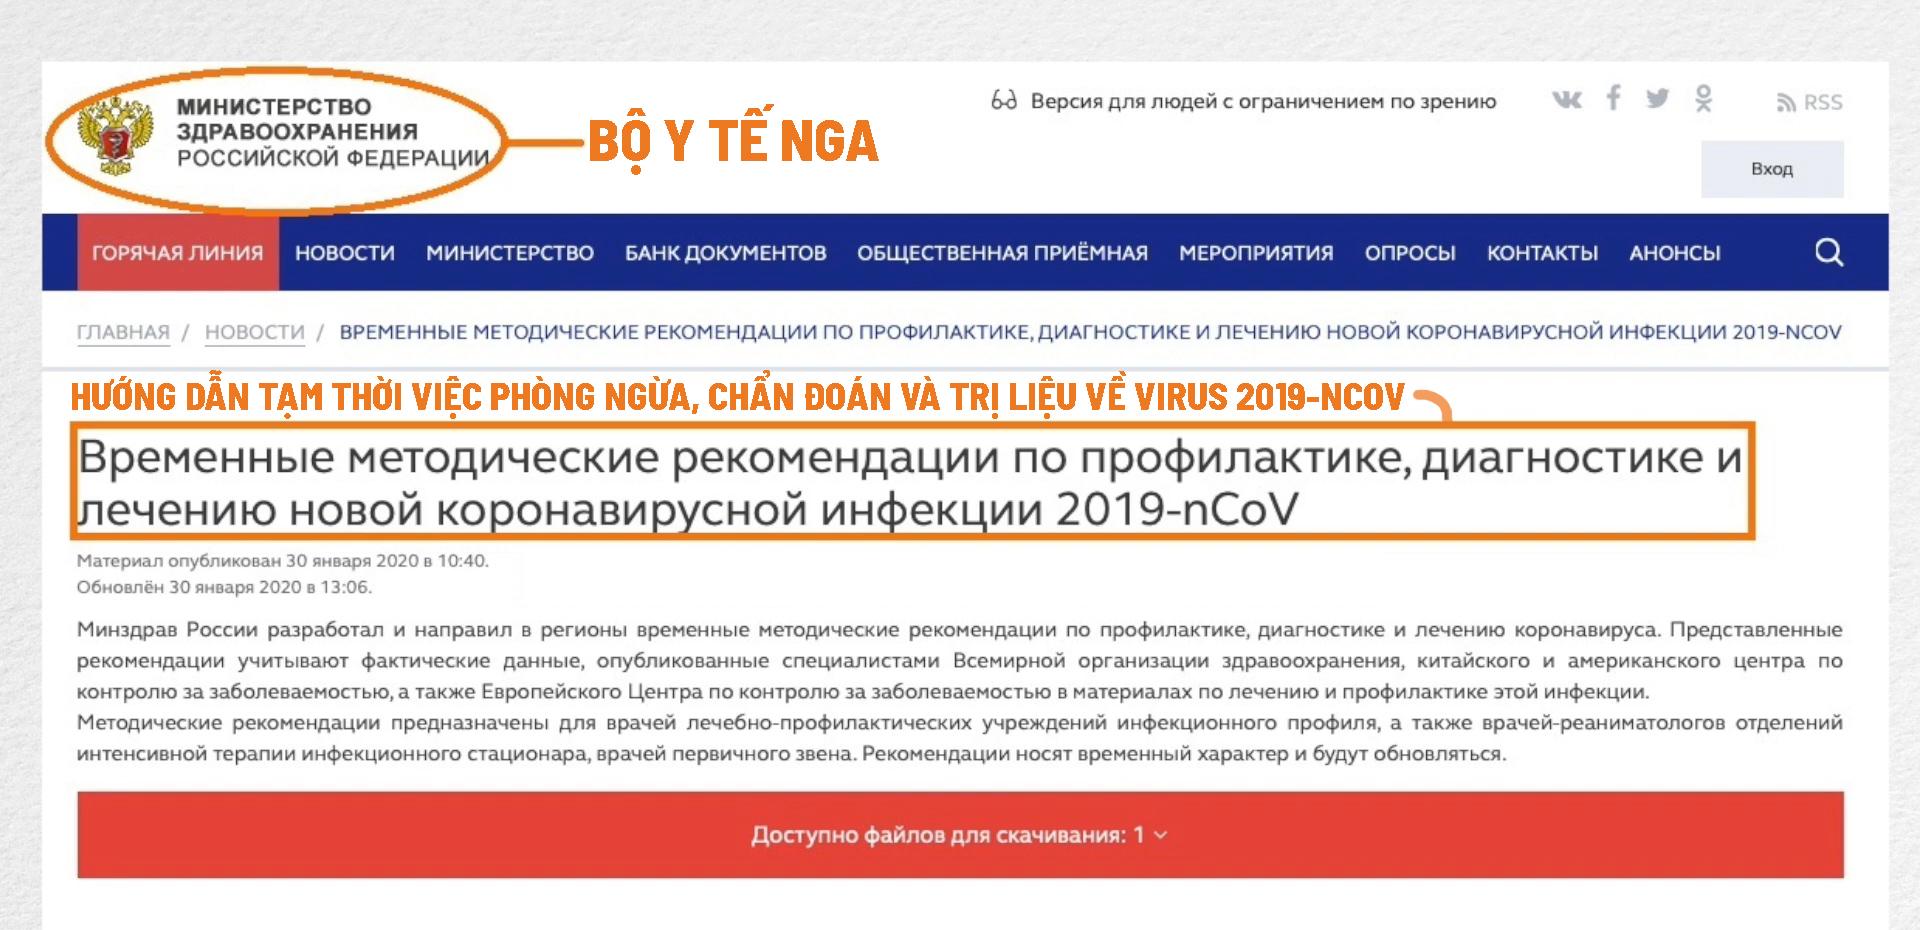 """văn kiện được công bố trên trang web của Liên bang Nga có tiêu đề là: """"Hướng dẫn tạm thời việc phòng ngừa, chẩn đoán và trị liệu về virus 2019-nCoV (COVID-19)""""."""